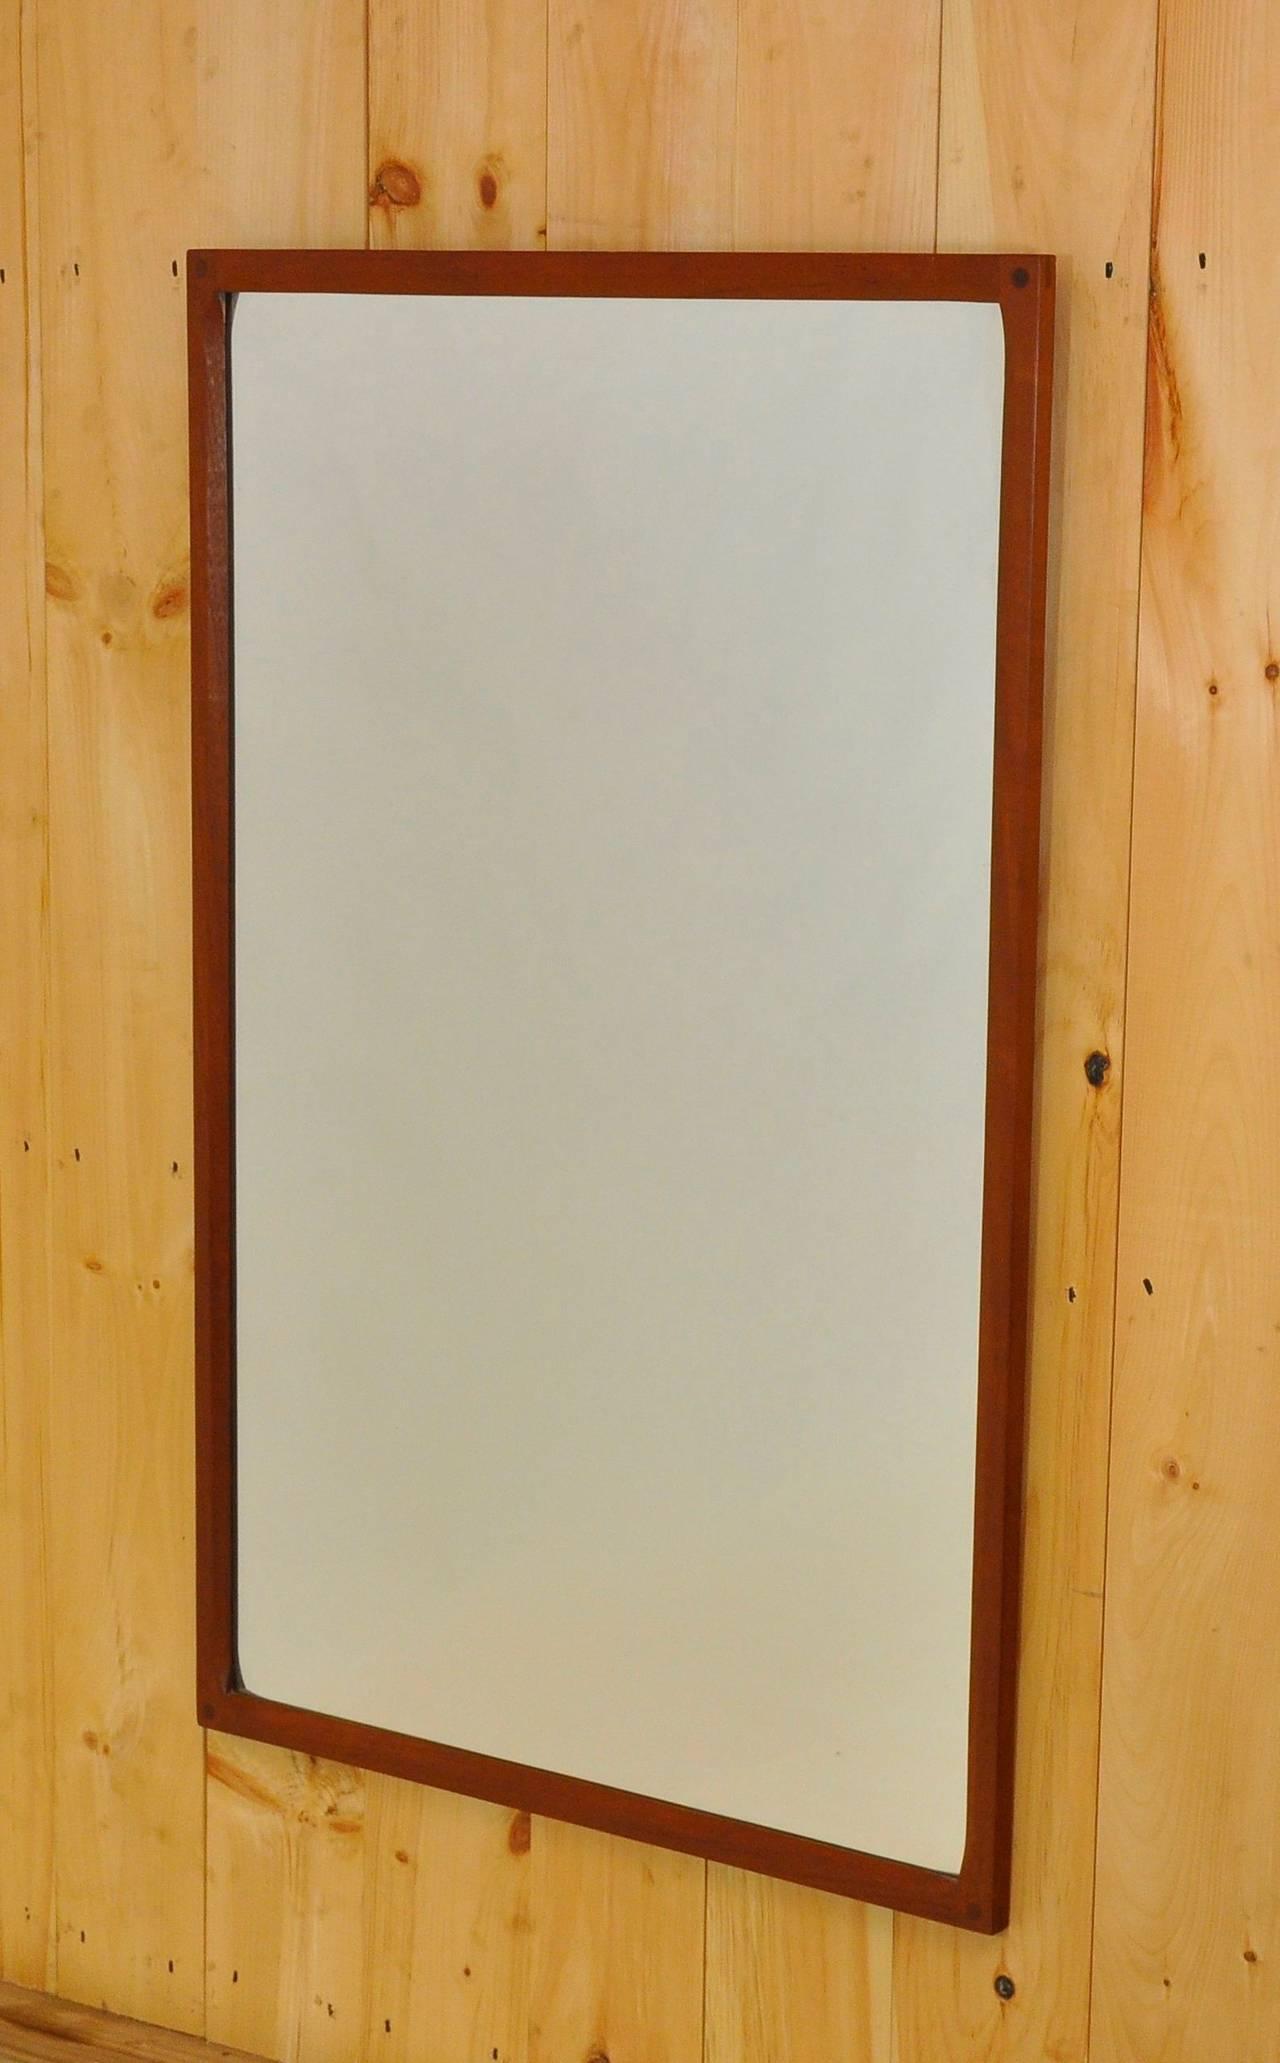 Danish Teak Mirror by Aksel Kjersgaard In Good Condition For Sale In Pelham, MA